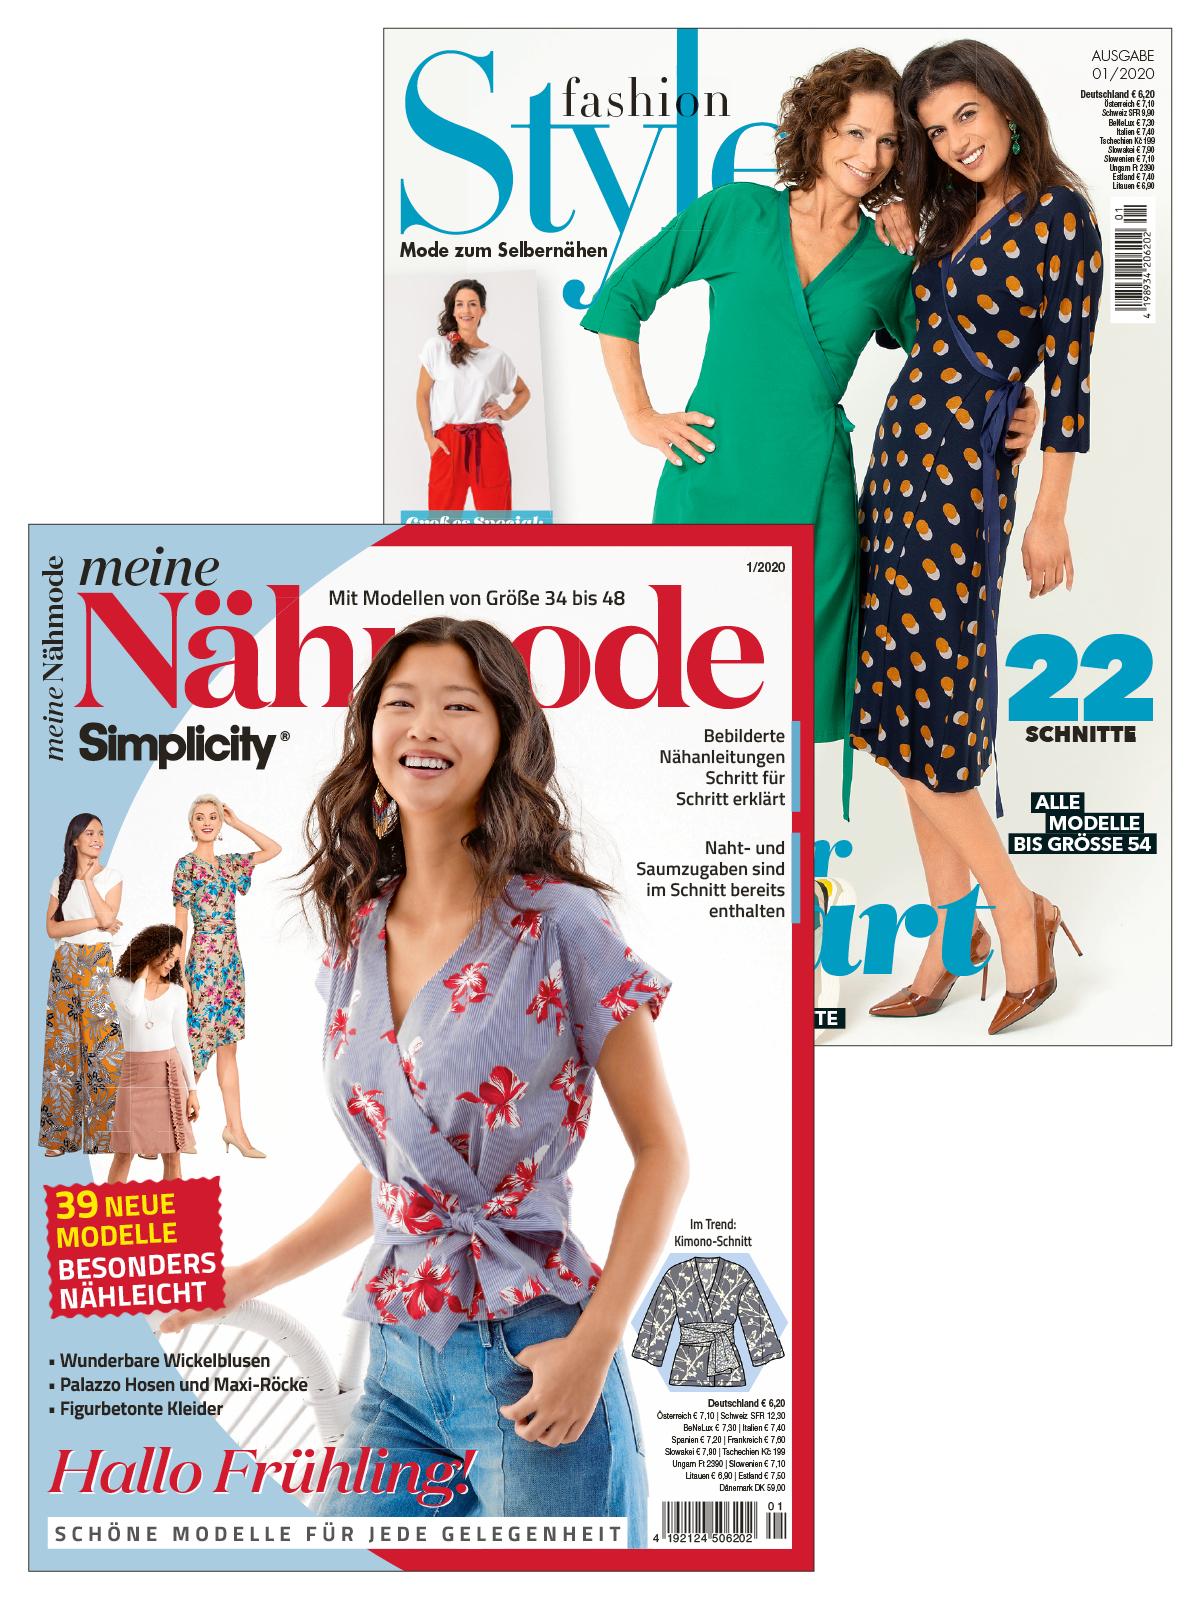 """Zwei Zeitschriften im Sparpaket """"Tolle Nähmode"""" - Meine Nähmode 1/2020 + fashionStyle 1/2020"""